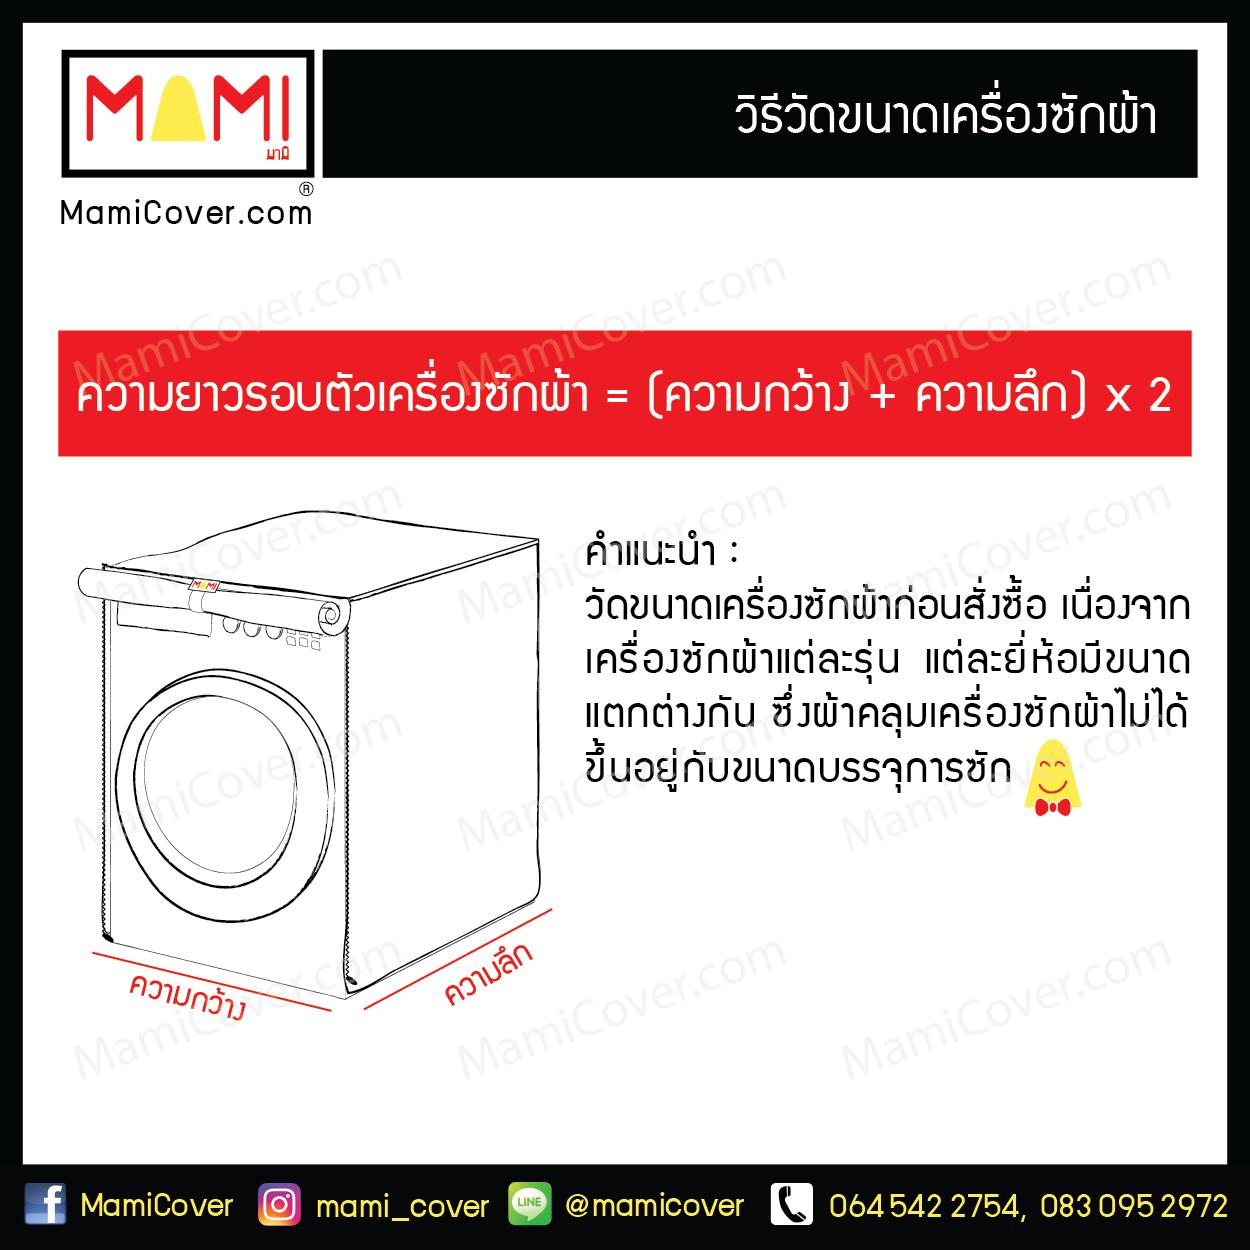 ผ้าคลุมเครื่องซักผ้าฝาบน กันฝุ่น กันแดด กันฝน มีช่องร้อยท่อน้ำ+สายไฟ Mami รุ่น Heavy Duty  สีเทา